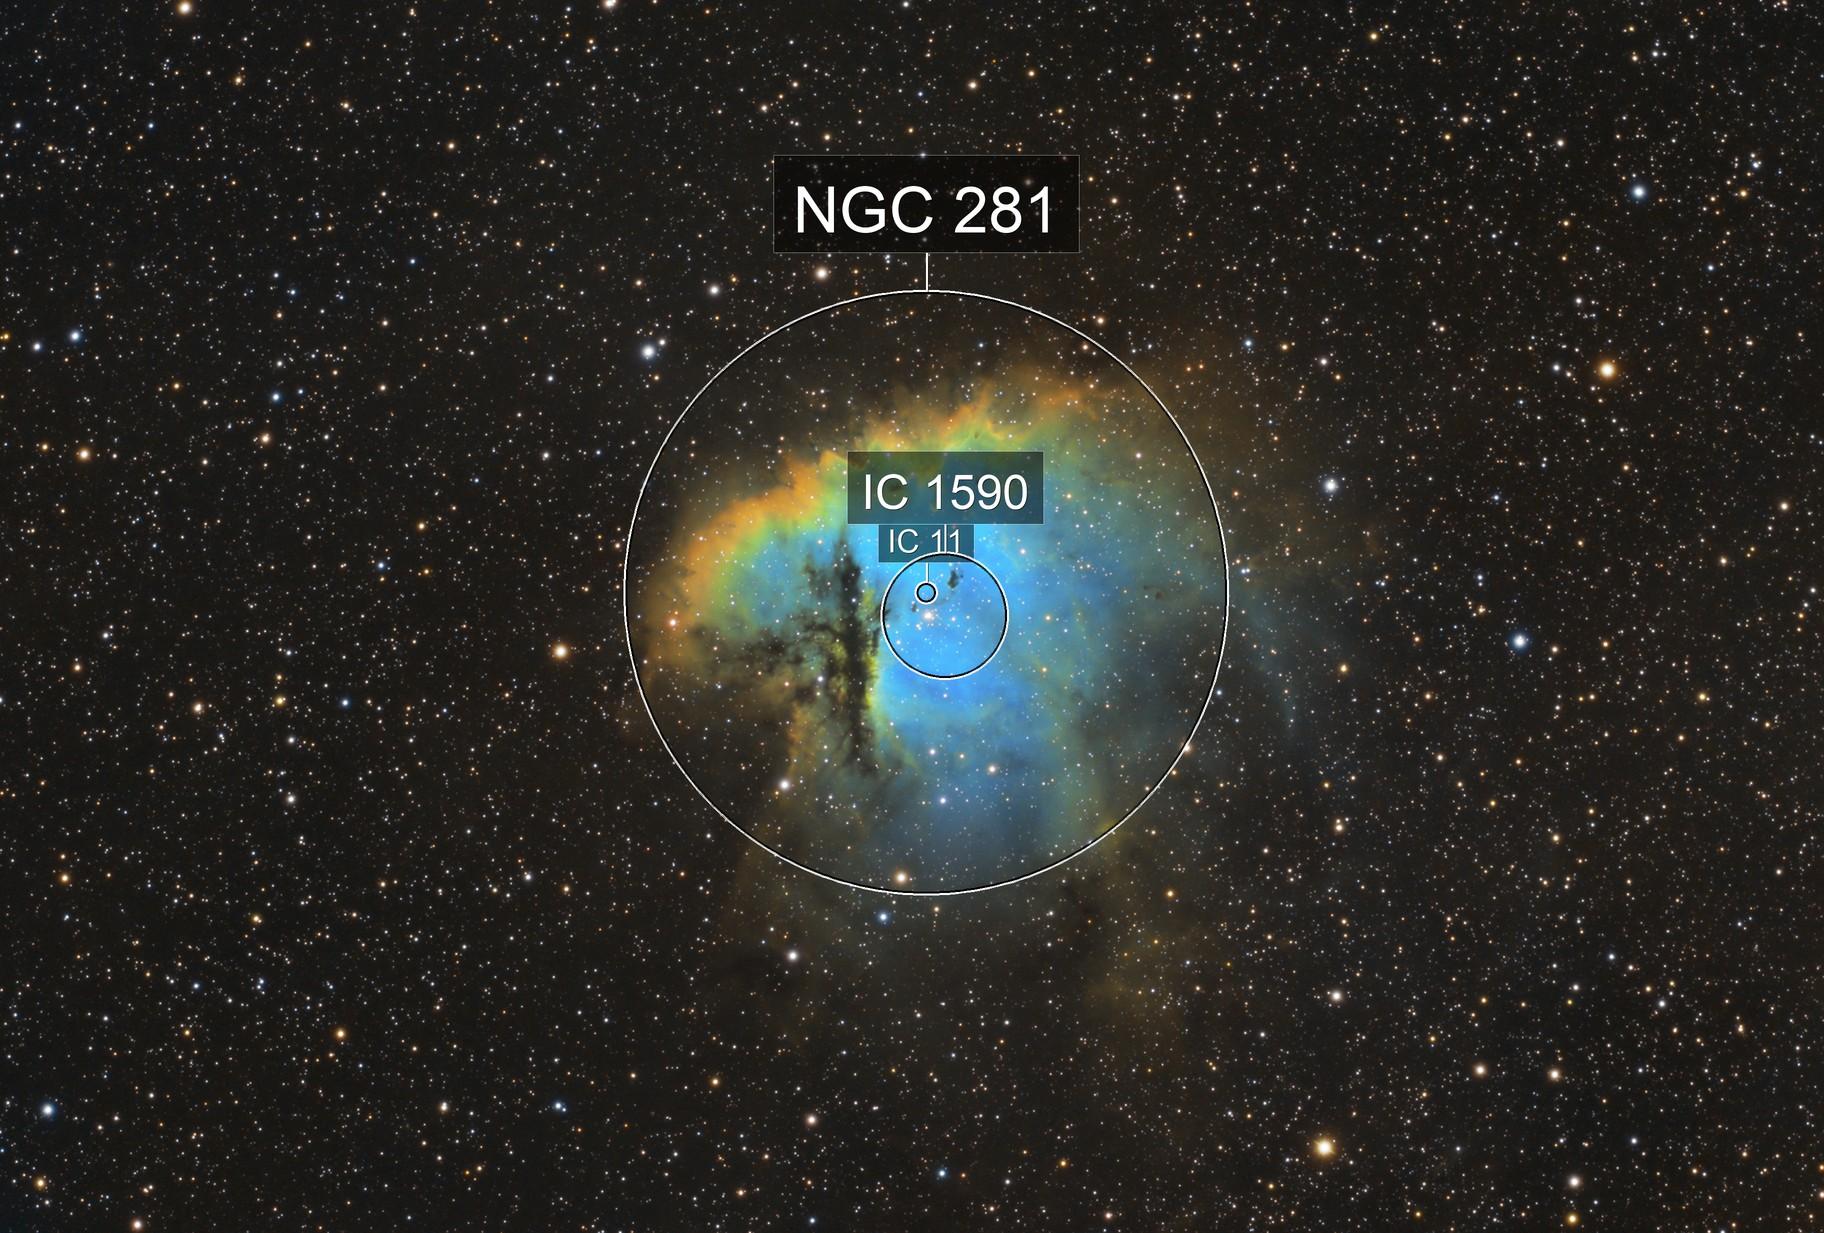 Pacman NGC 281